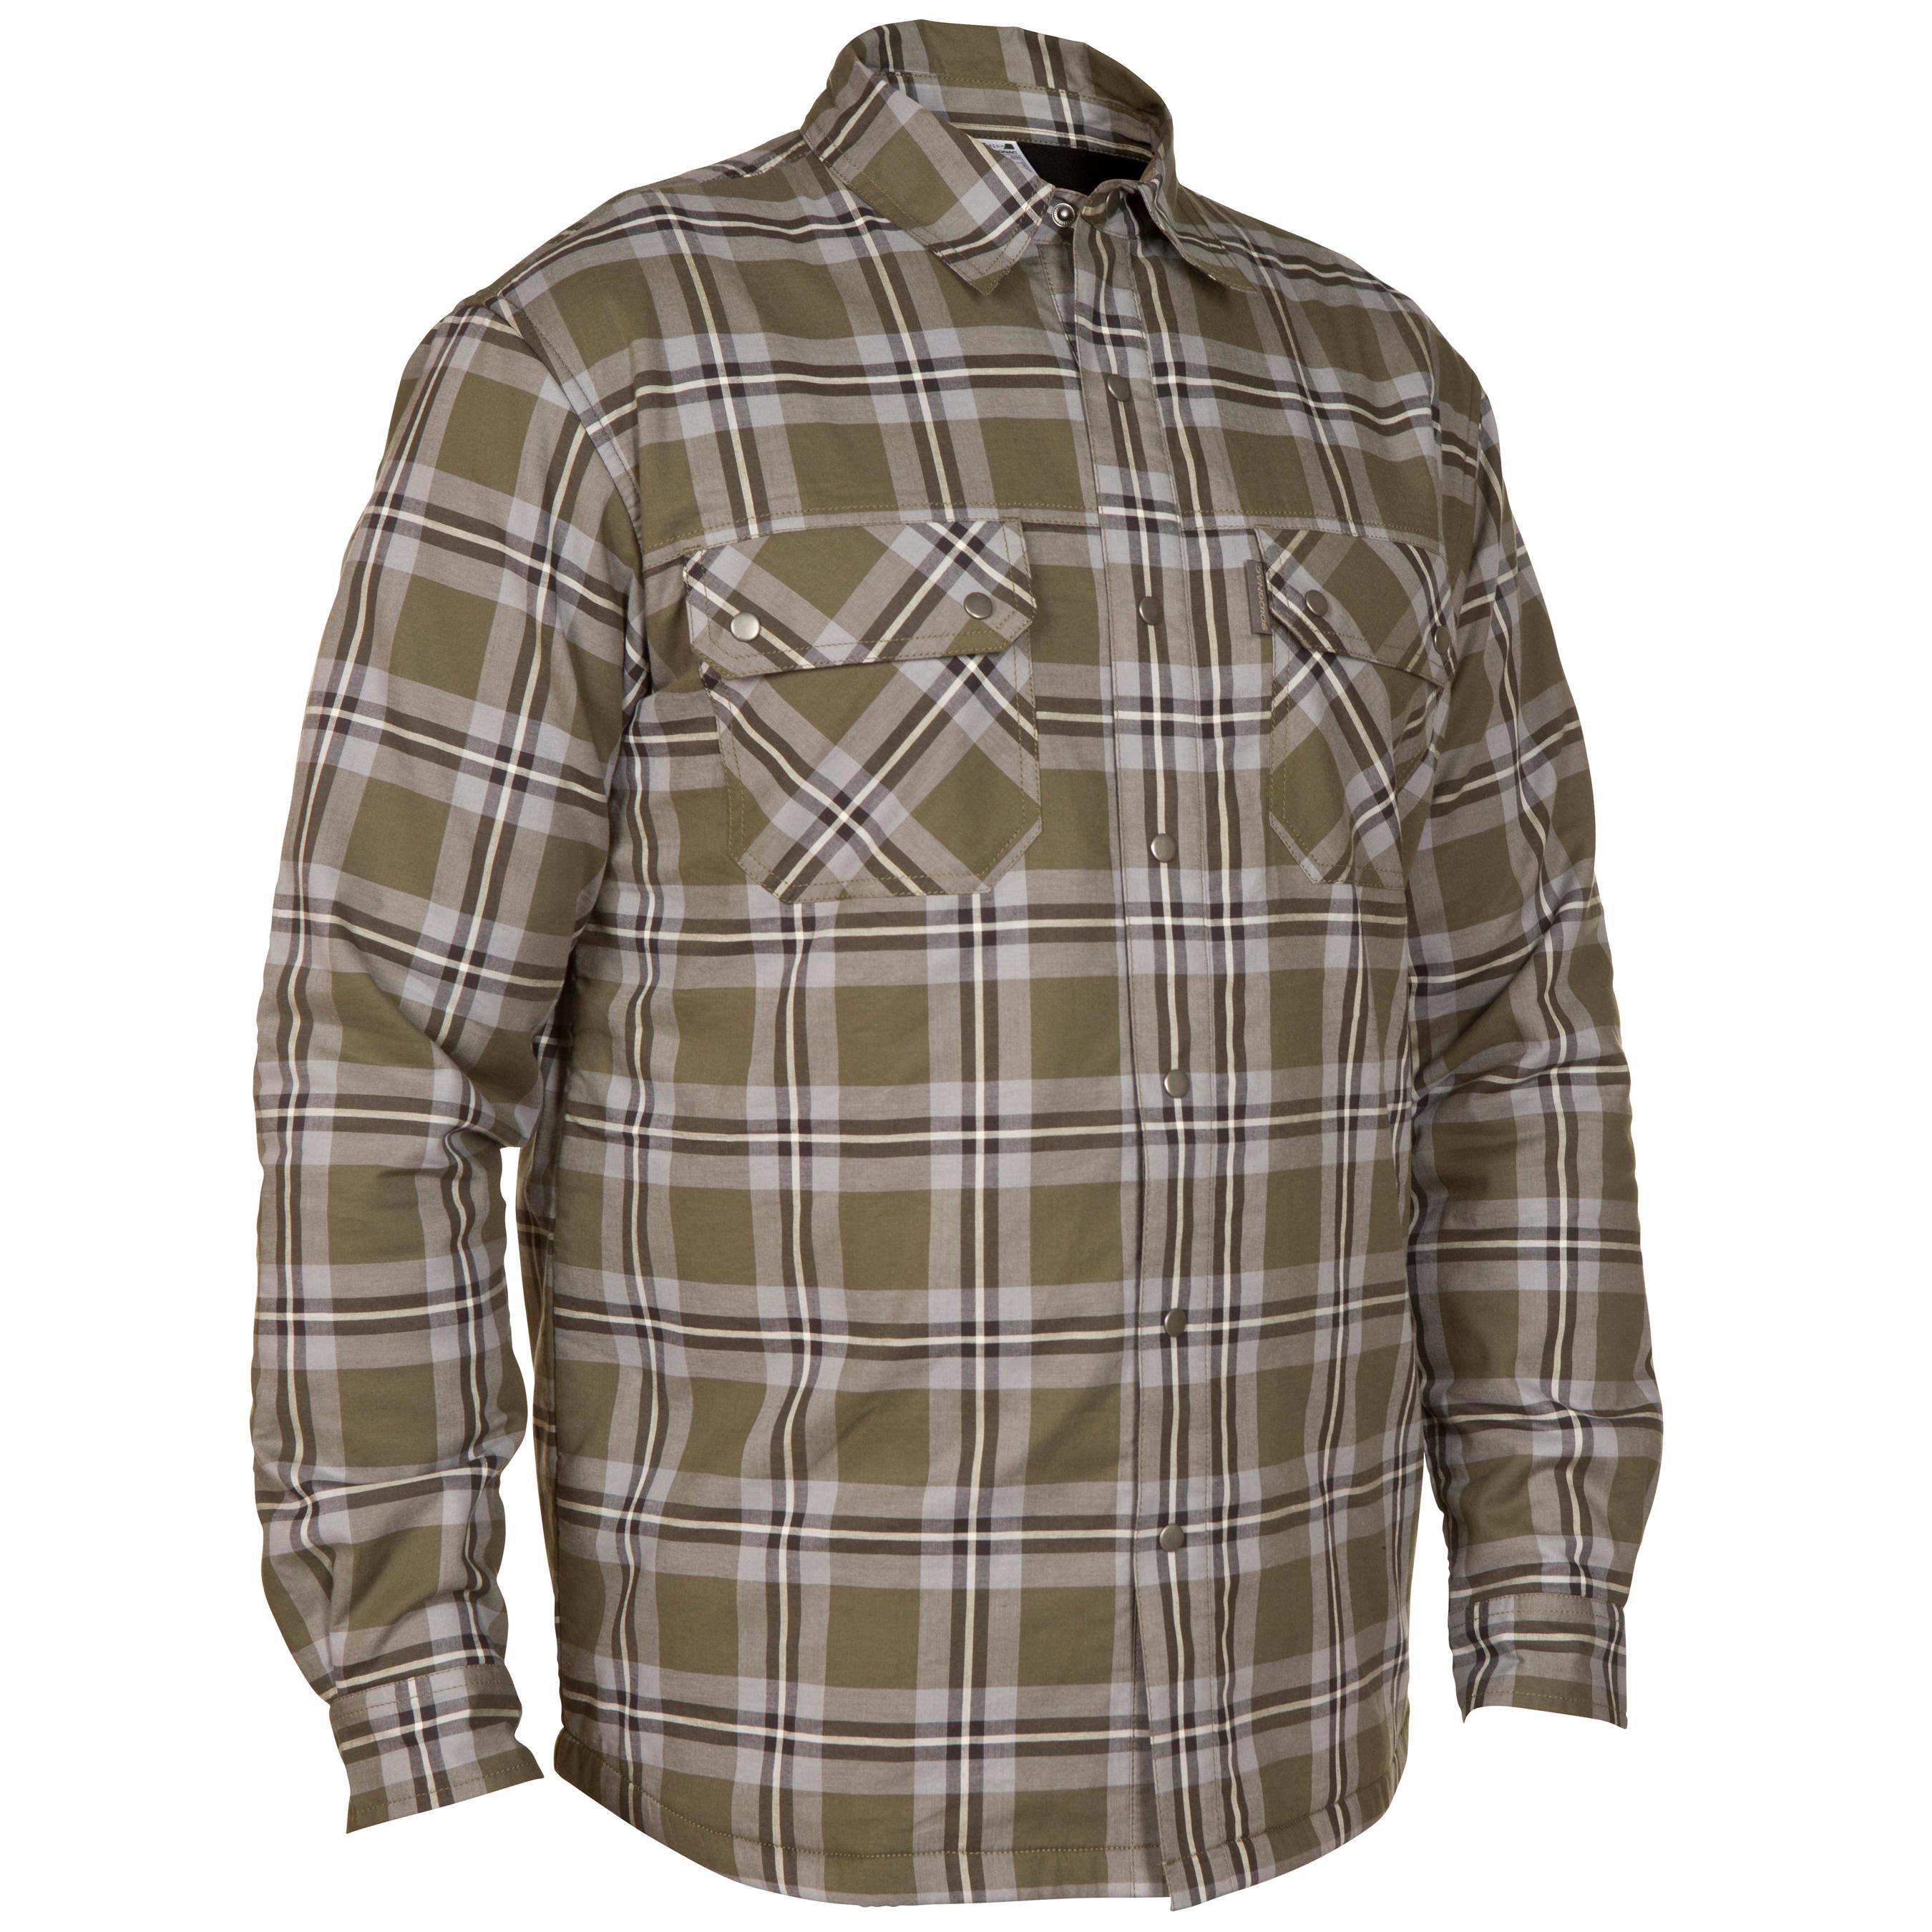 Solognac Overhemd 300 voor de jacht